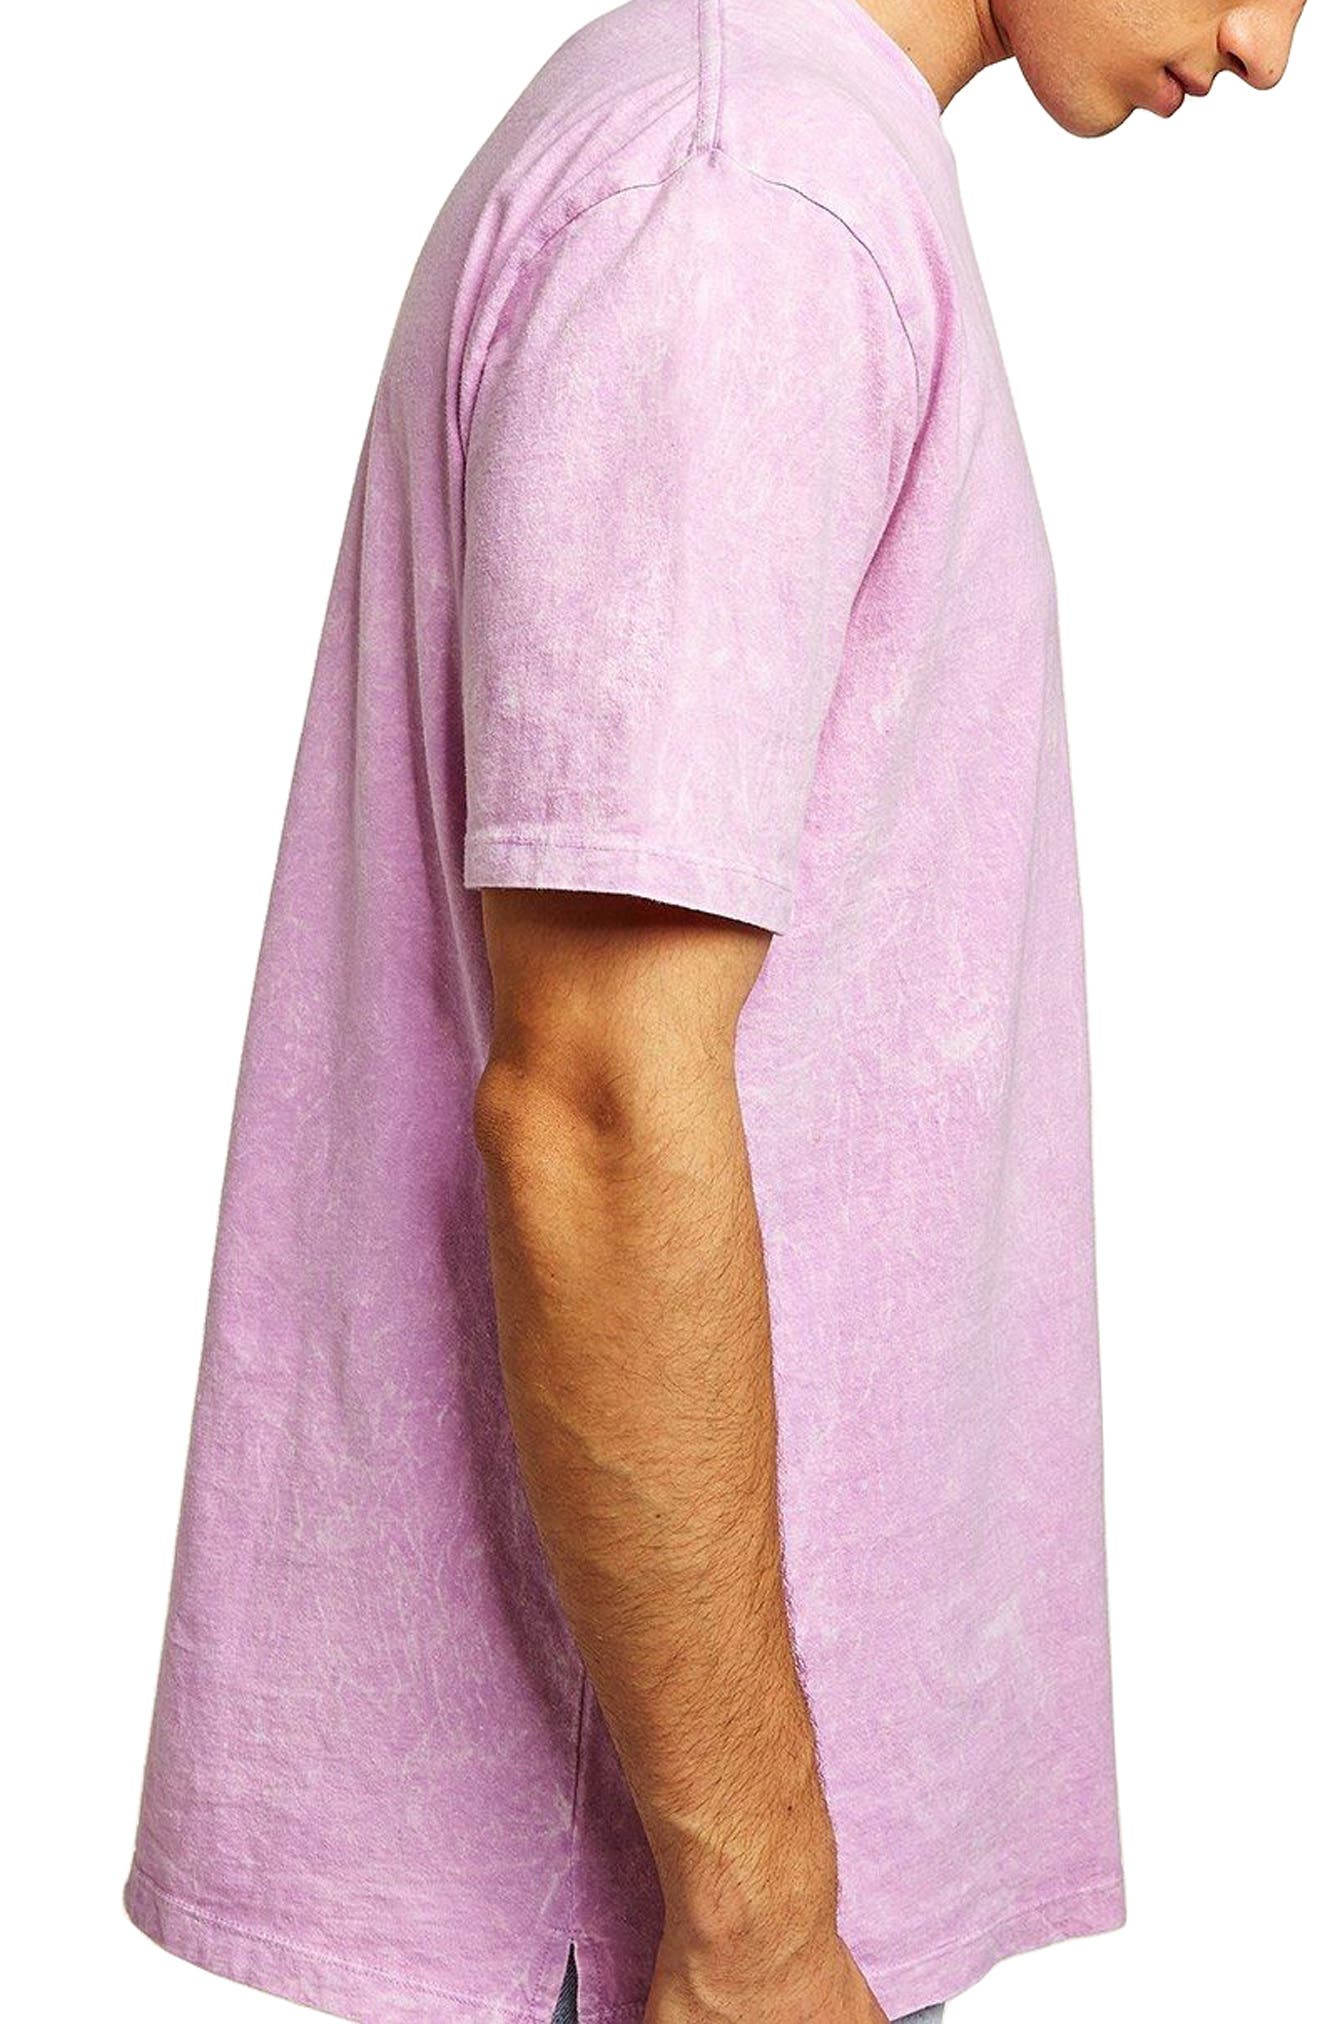 Acid Wash Pocket T-Shirt,                             Main thumbnail 1, color,                             Pink Multi